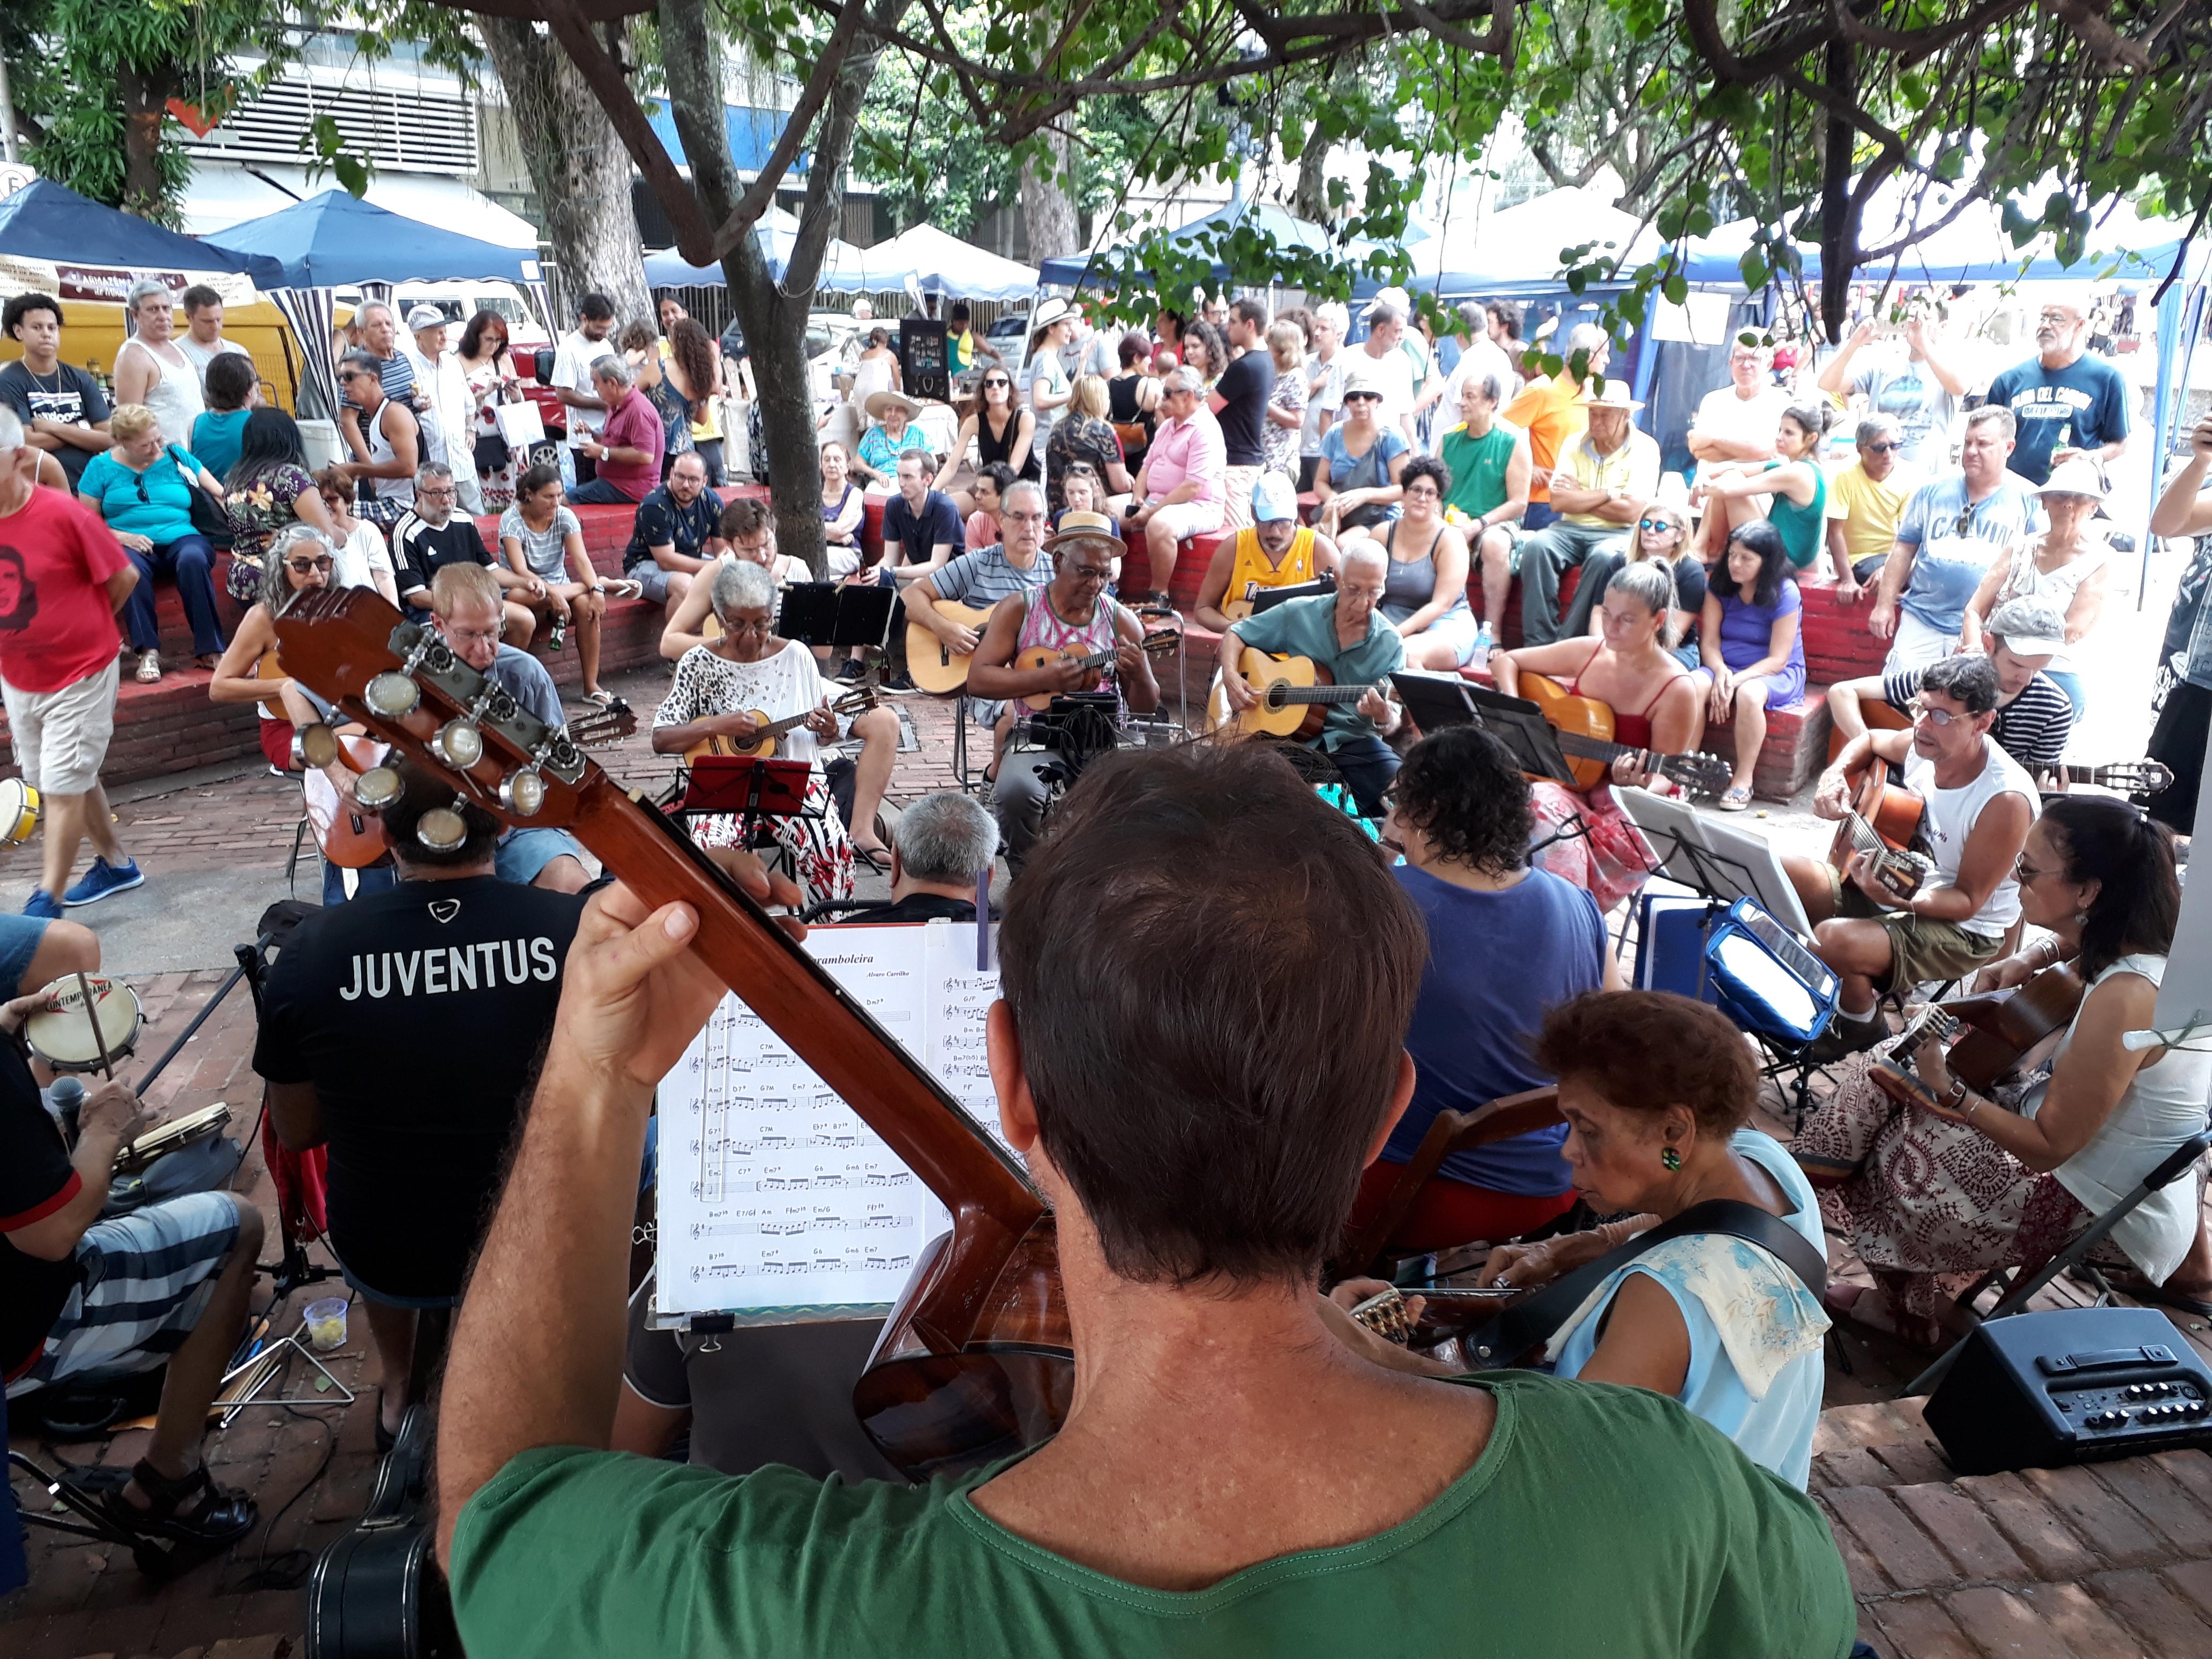 Lugares pra ouvir música ao vivo no Rio - Praça São Salvador. Foto Marina Ivo